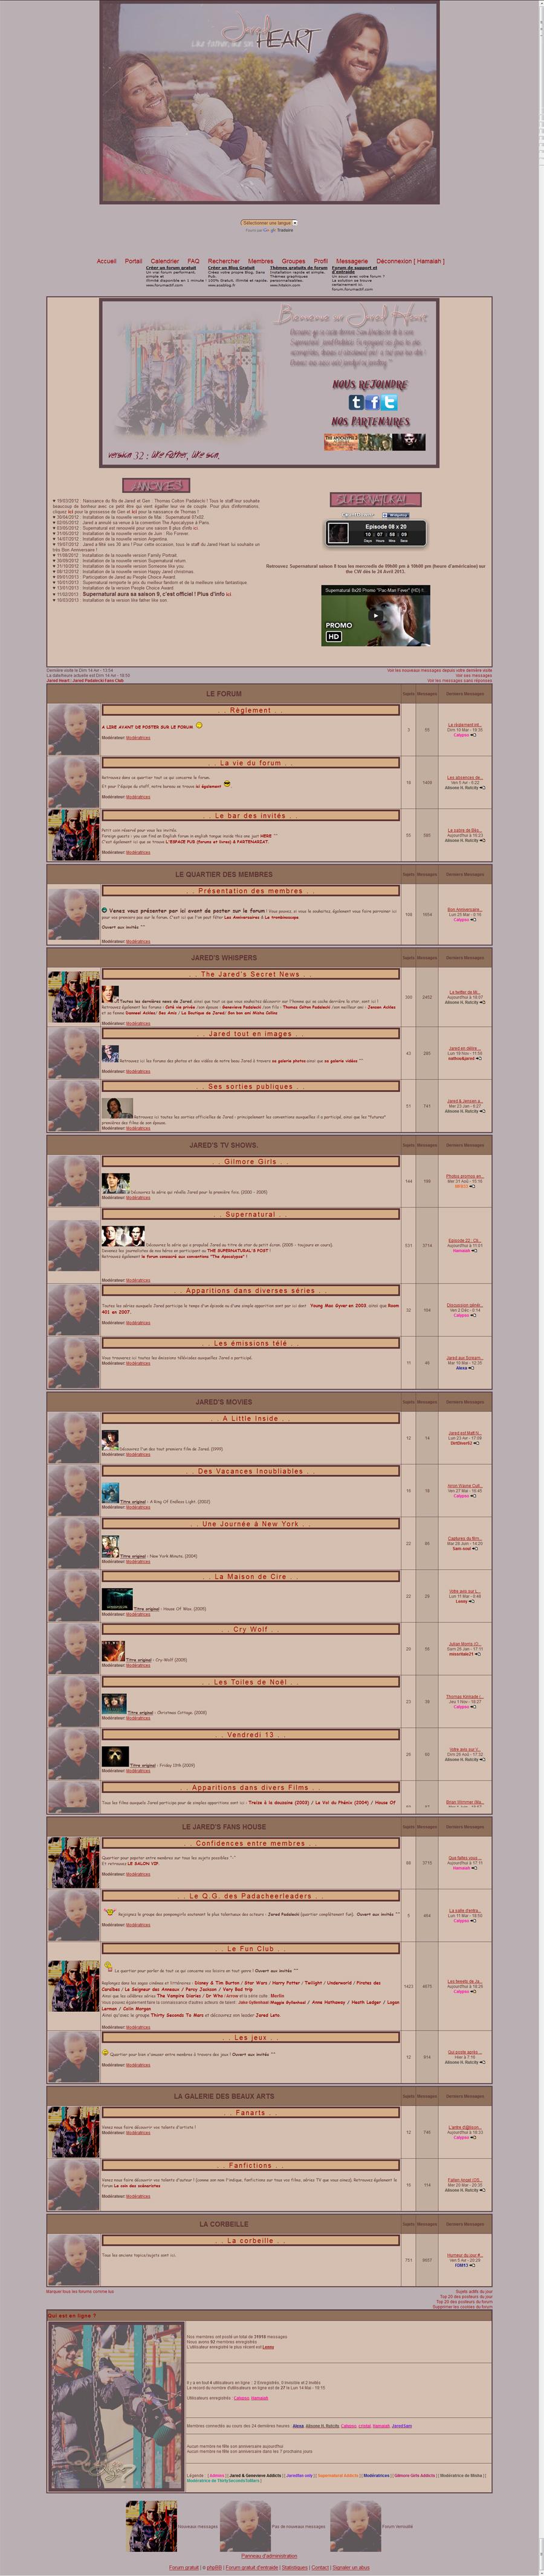 Les anciens designs du forum - Page 3 702253capture